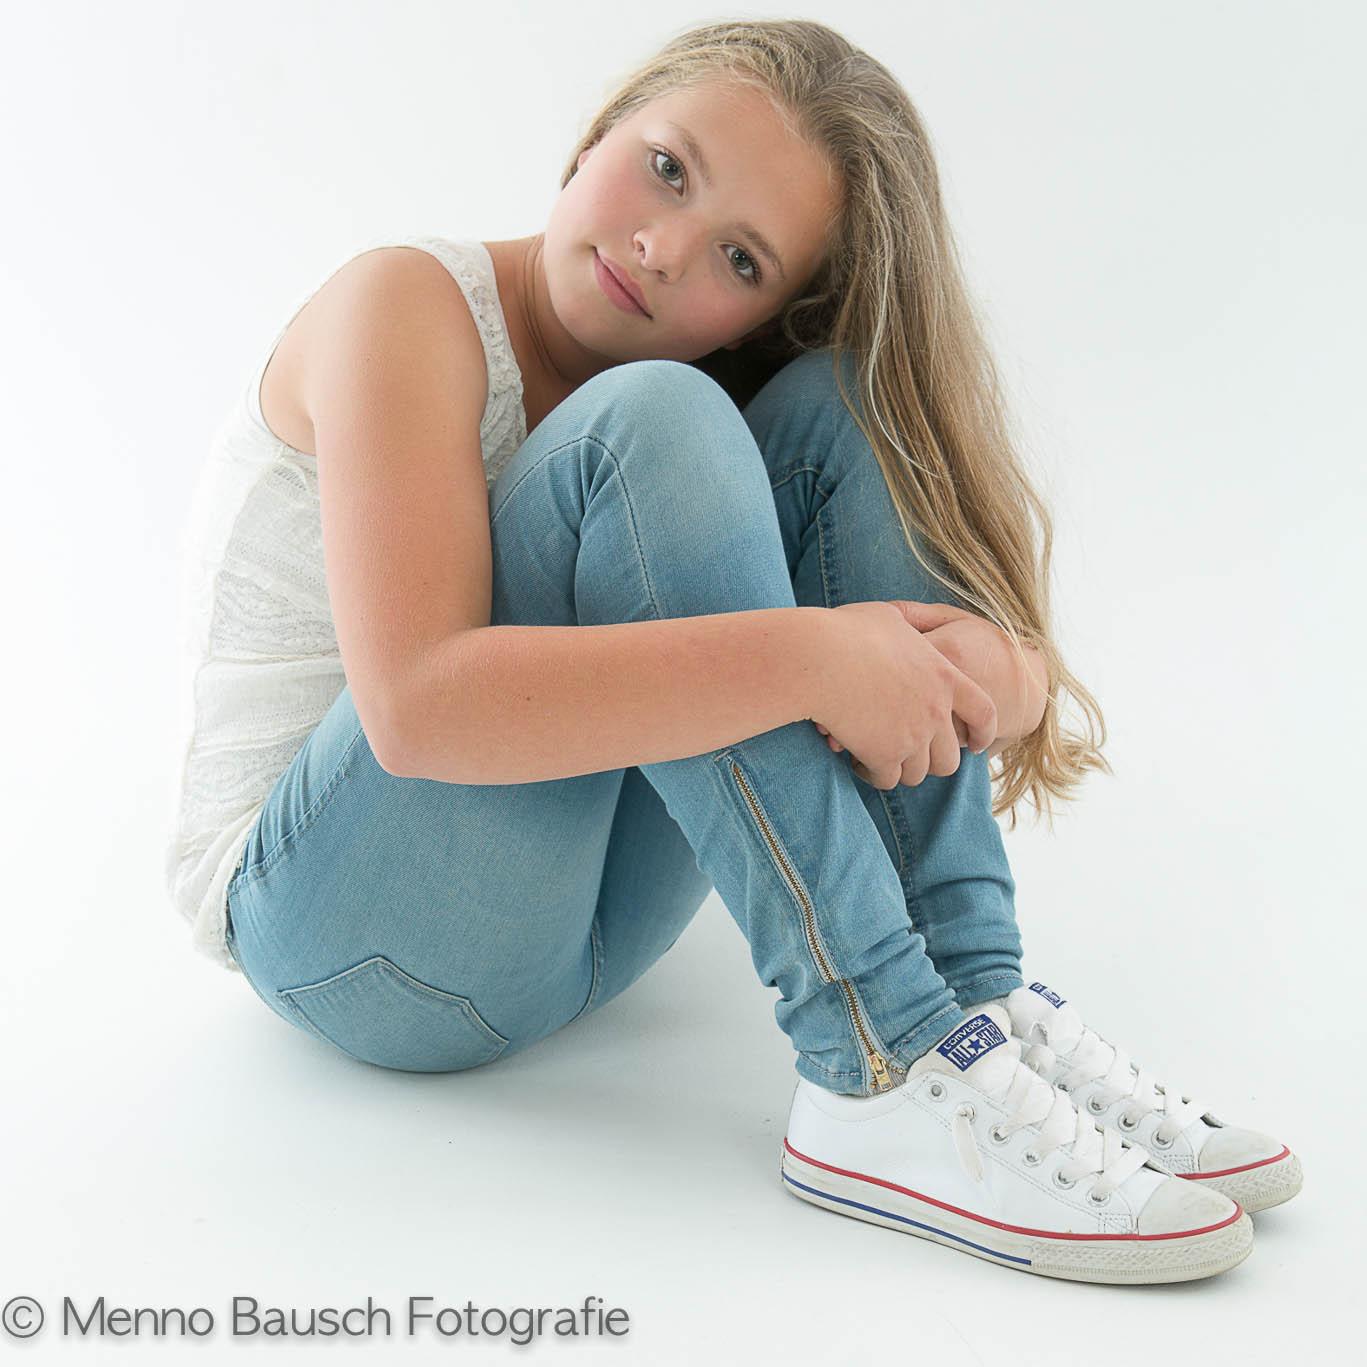 Menno Bausch Fotografie31-2